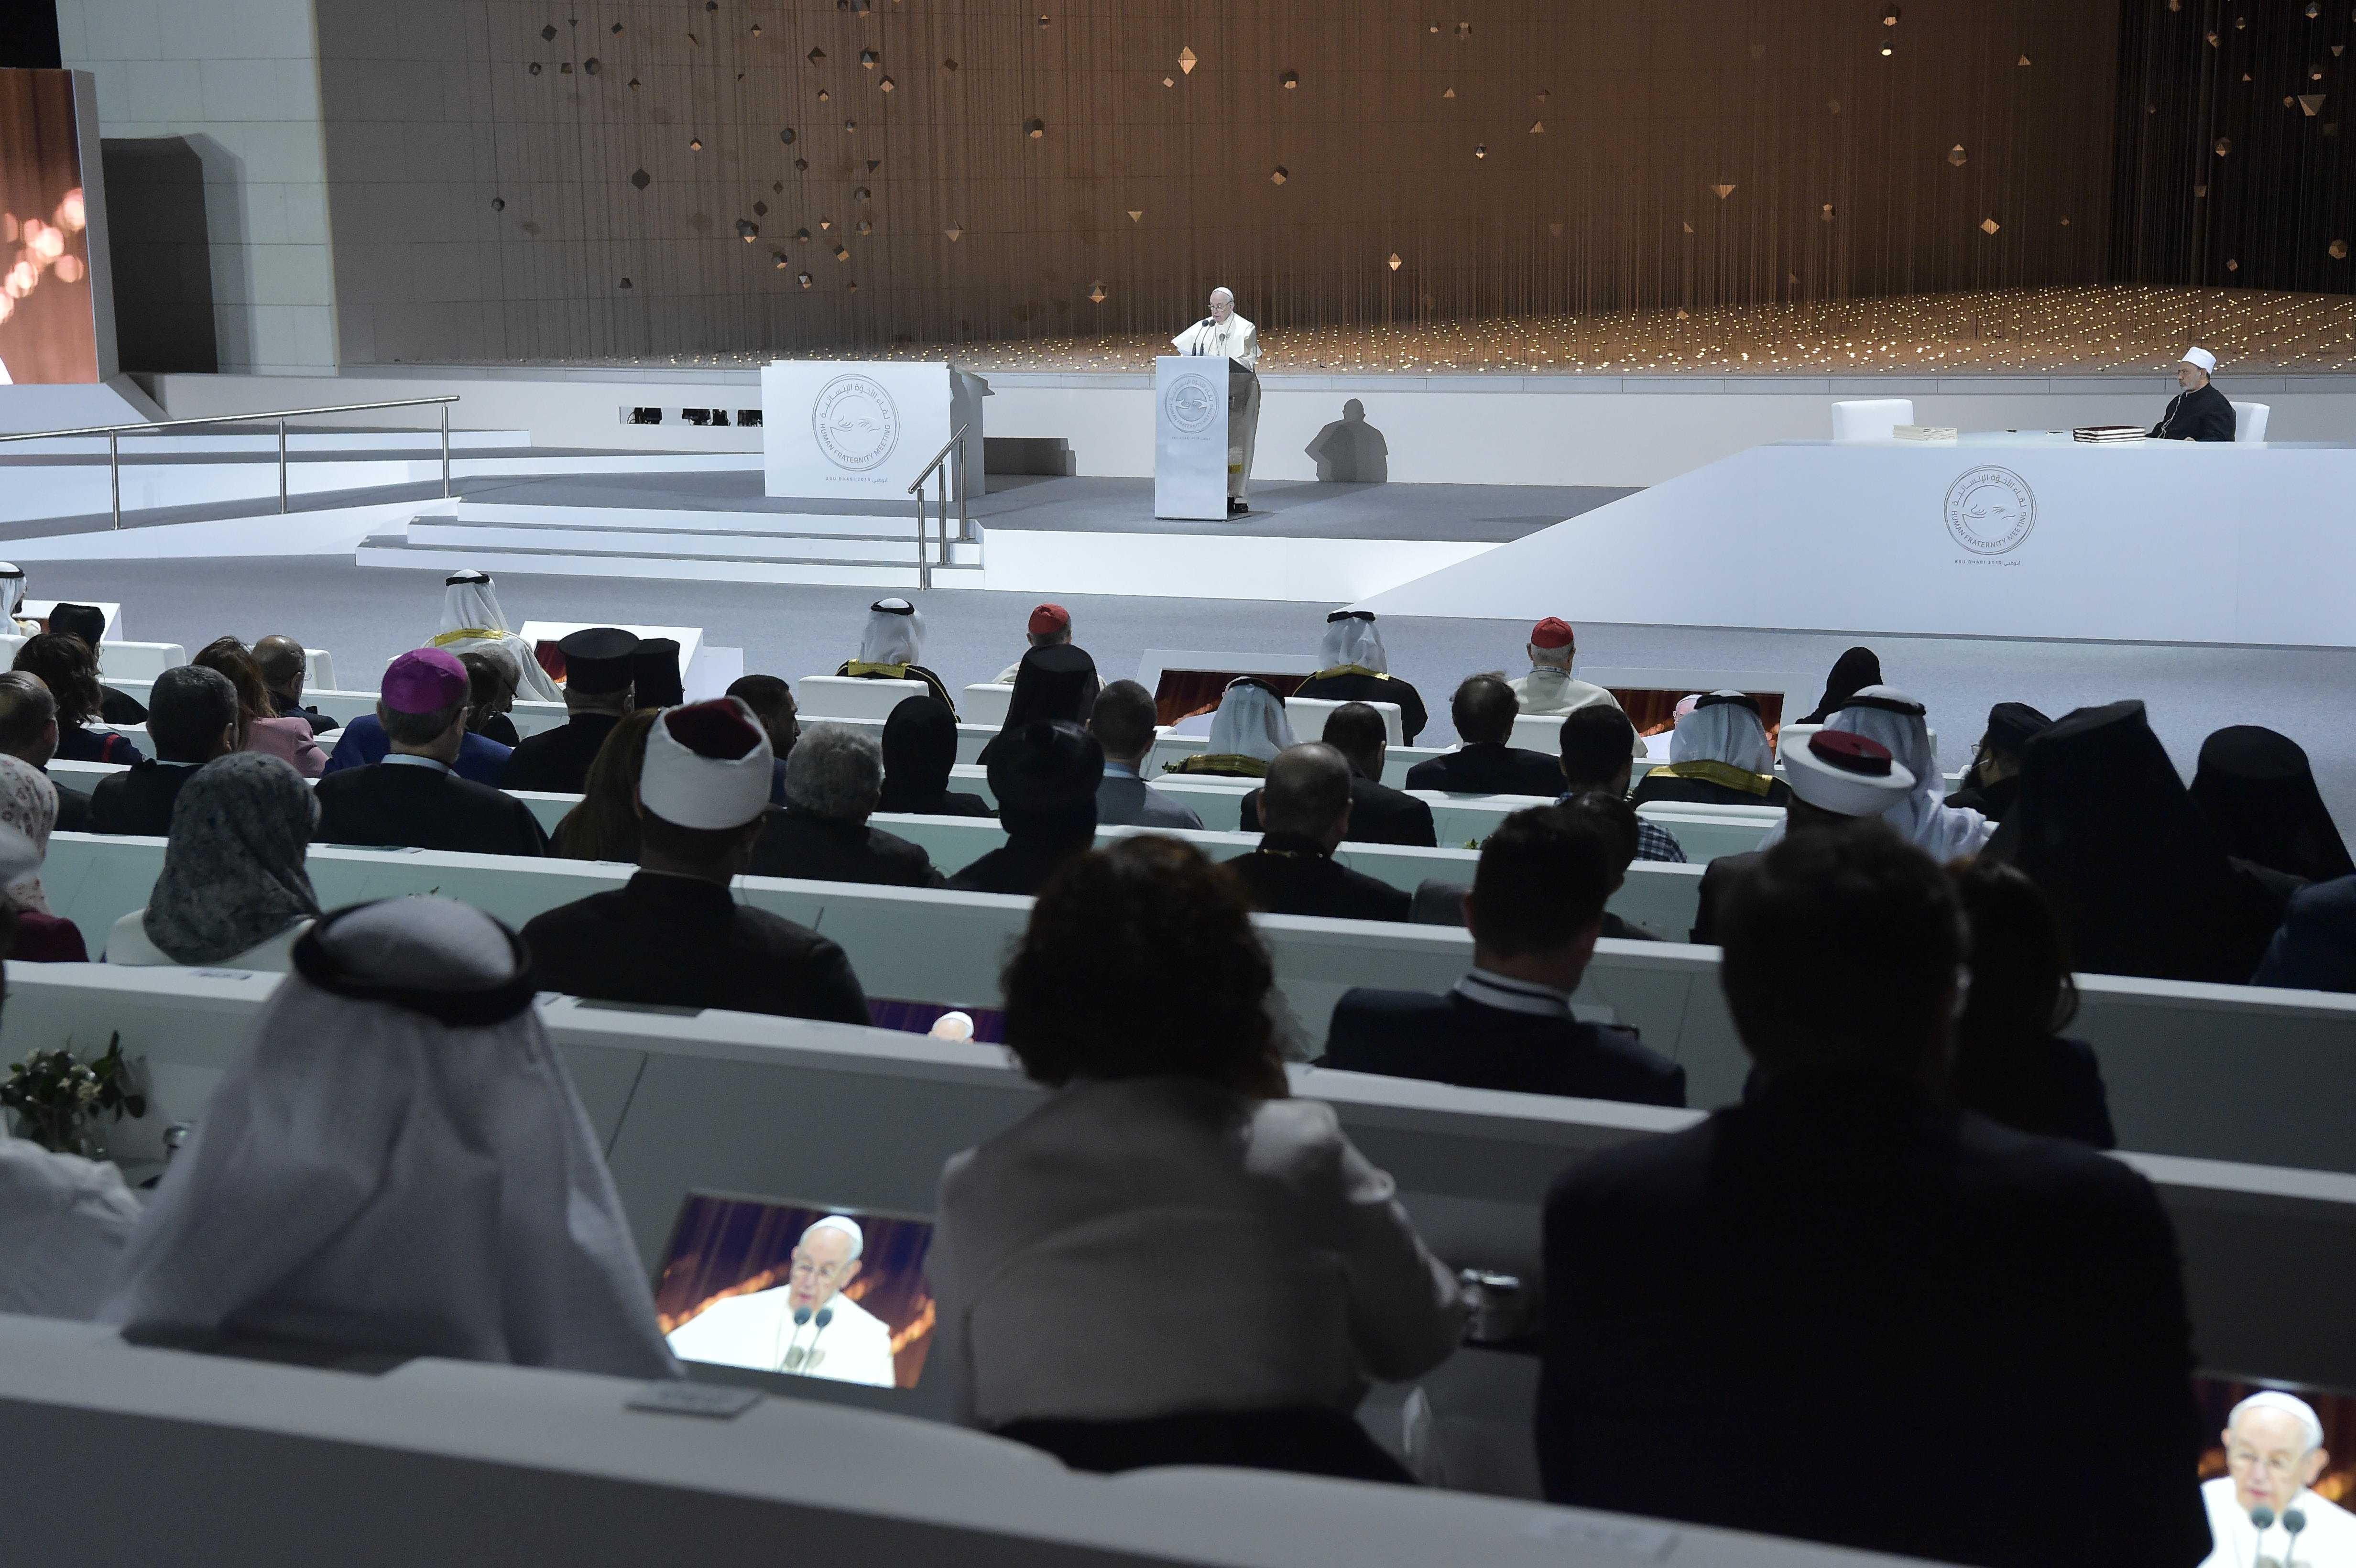 Encuentro interreligioso en el Founder's Memorial, en Abu Dhabi © Vatican Media